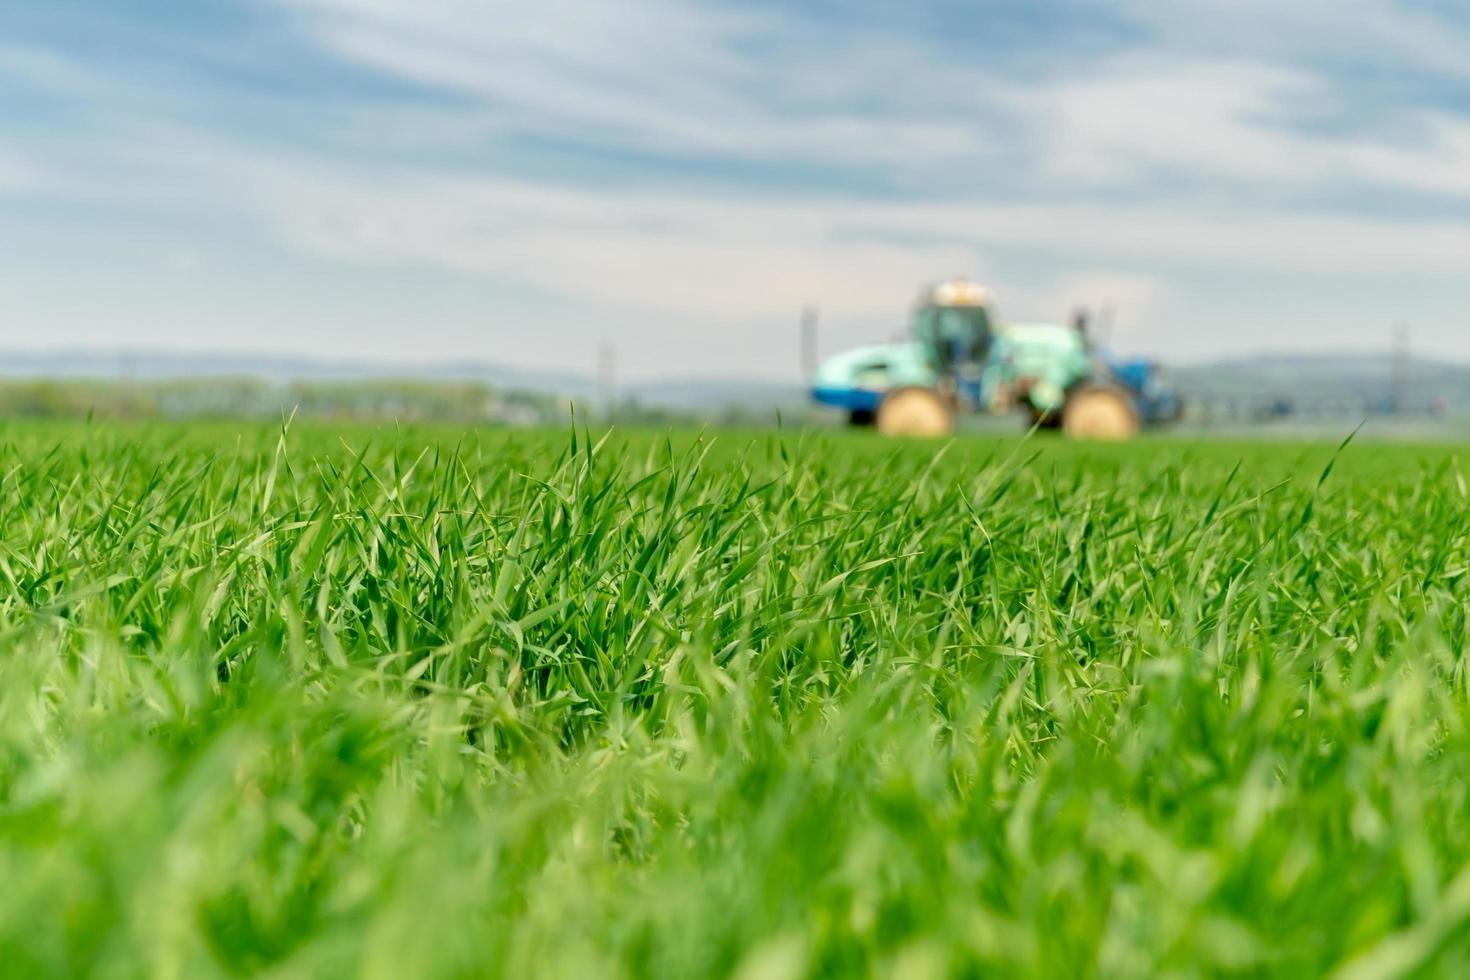 alto campo di erba con trattore offuscata foto